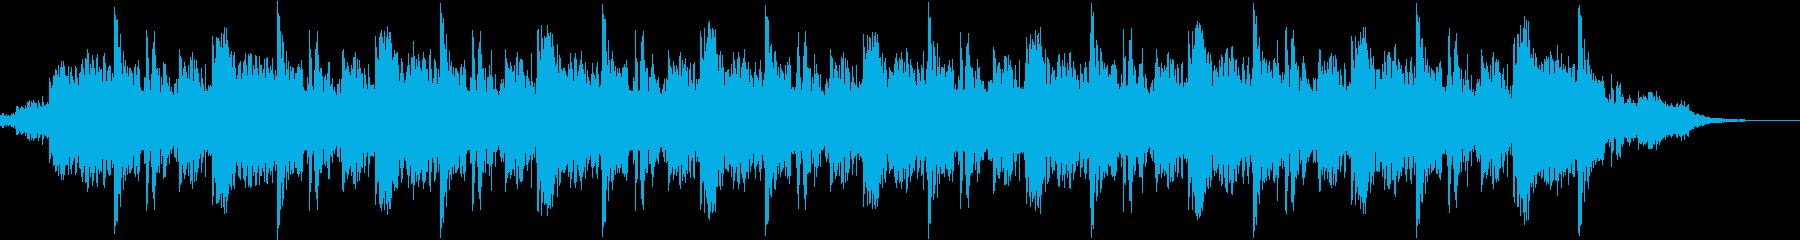 ショールーム等の神秘的なBGMの再生済みの波形